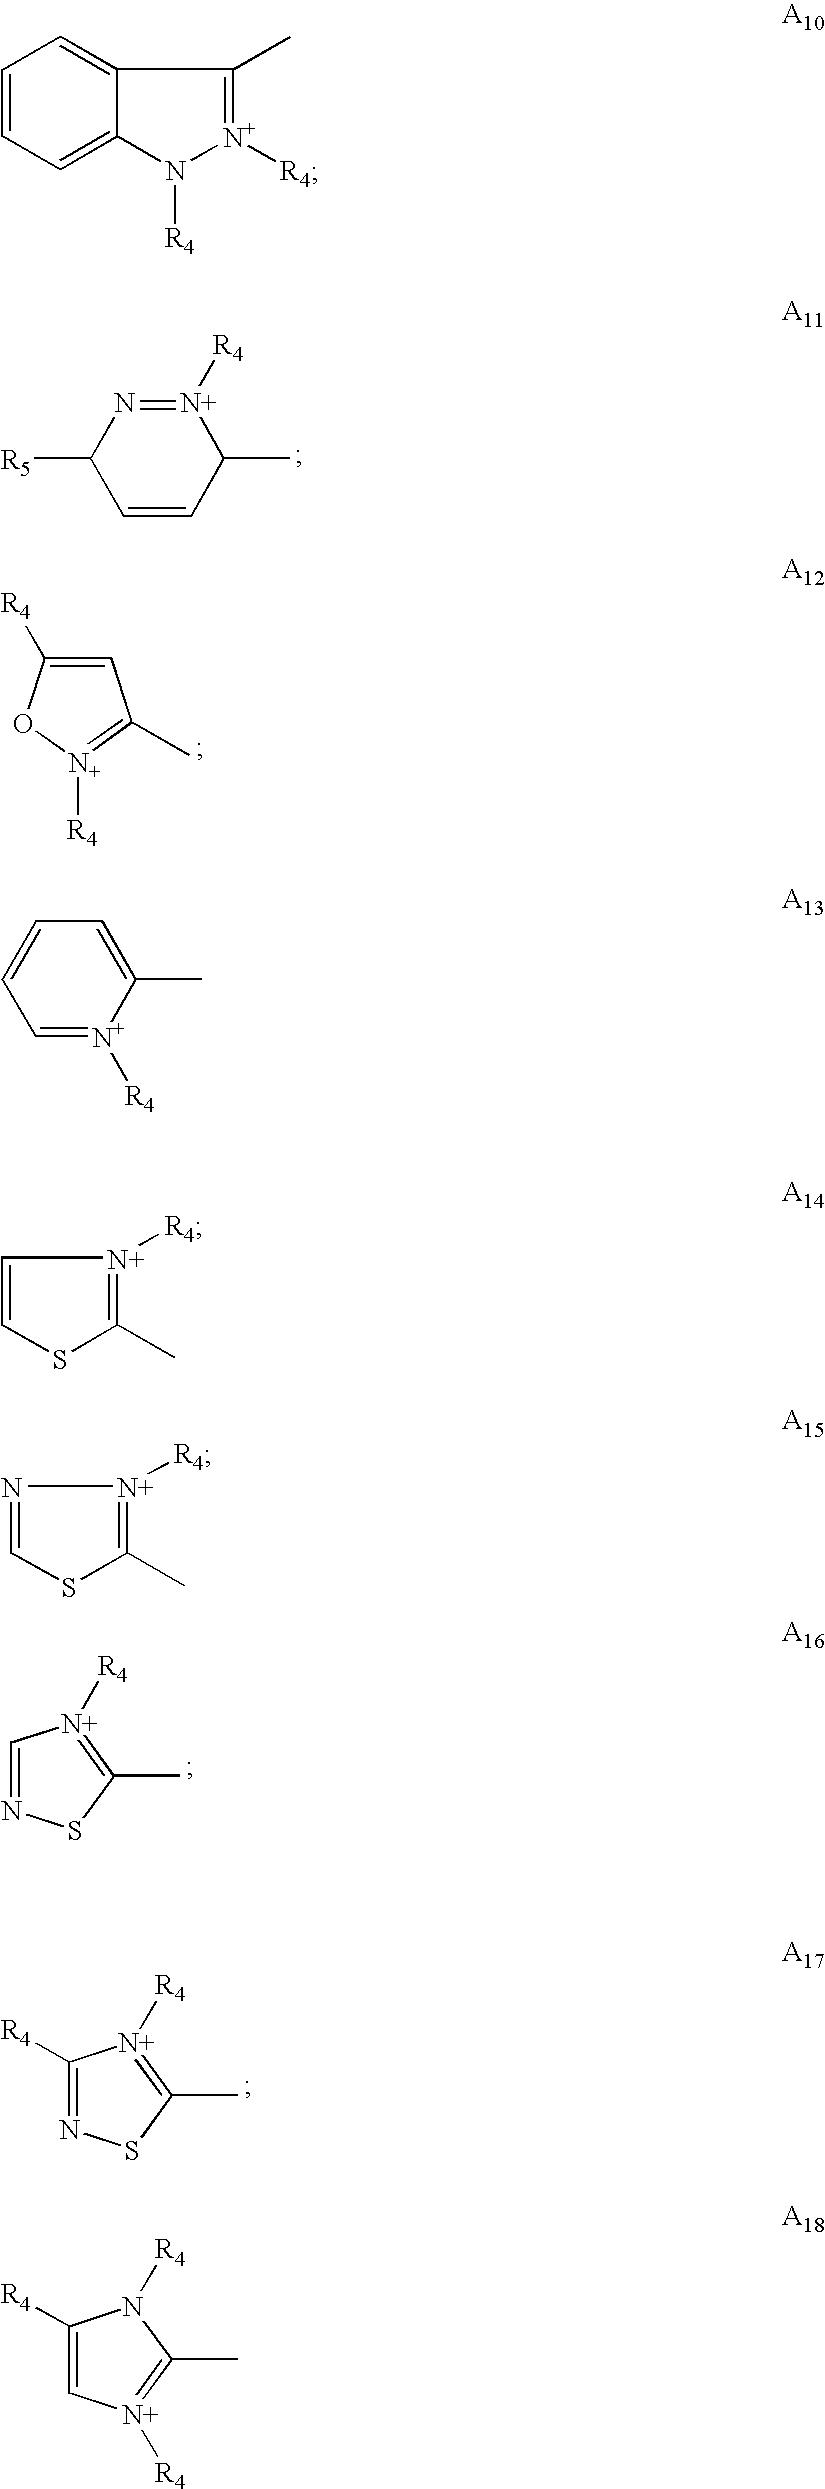 Figure US07927381-20110419-C00004